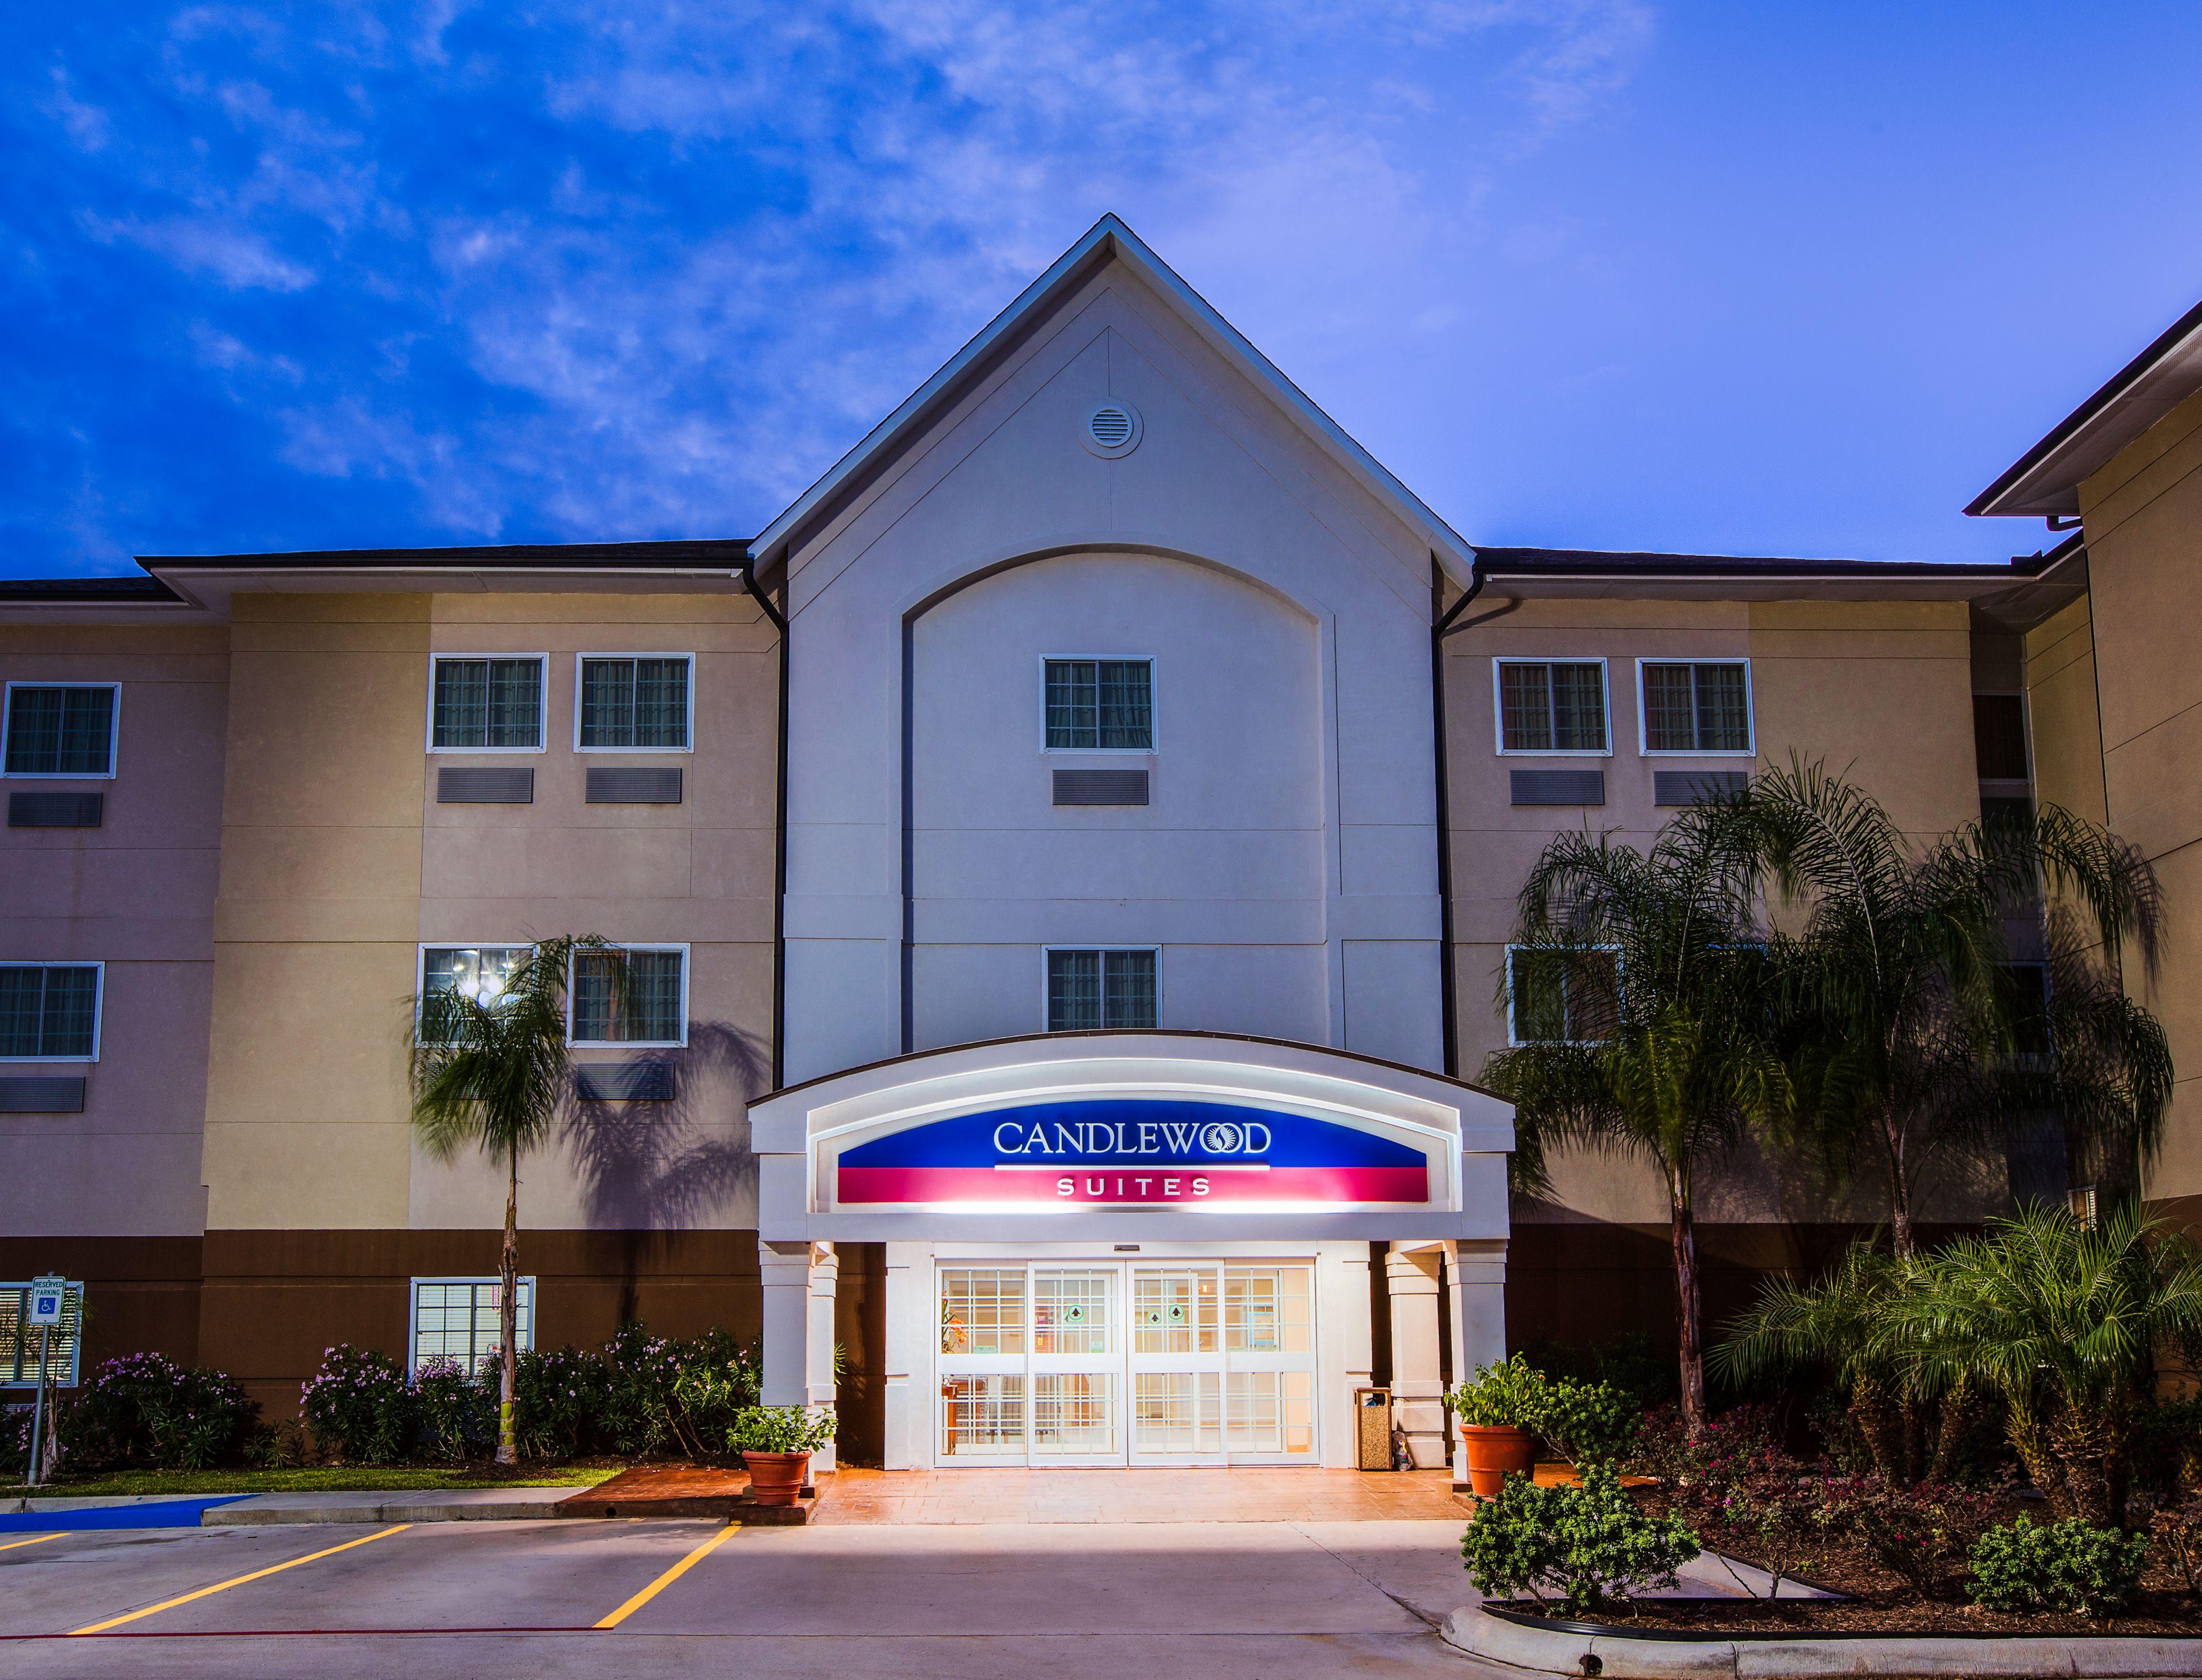 Candlewood suites la porte la porte texas tx for Comfort suites la porte tx